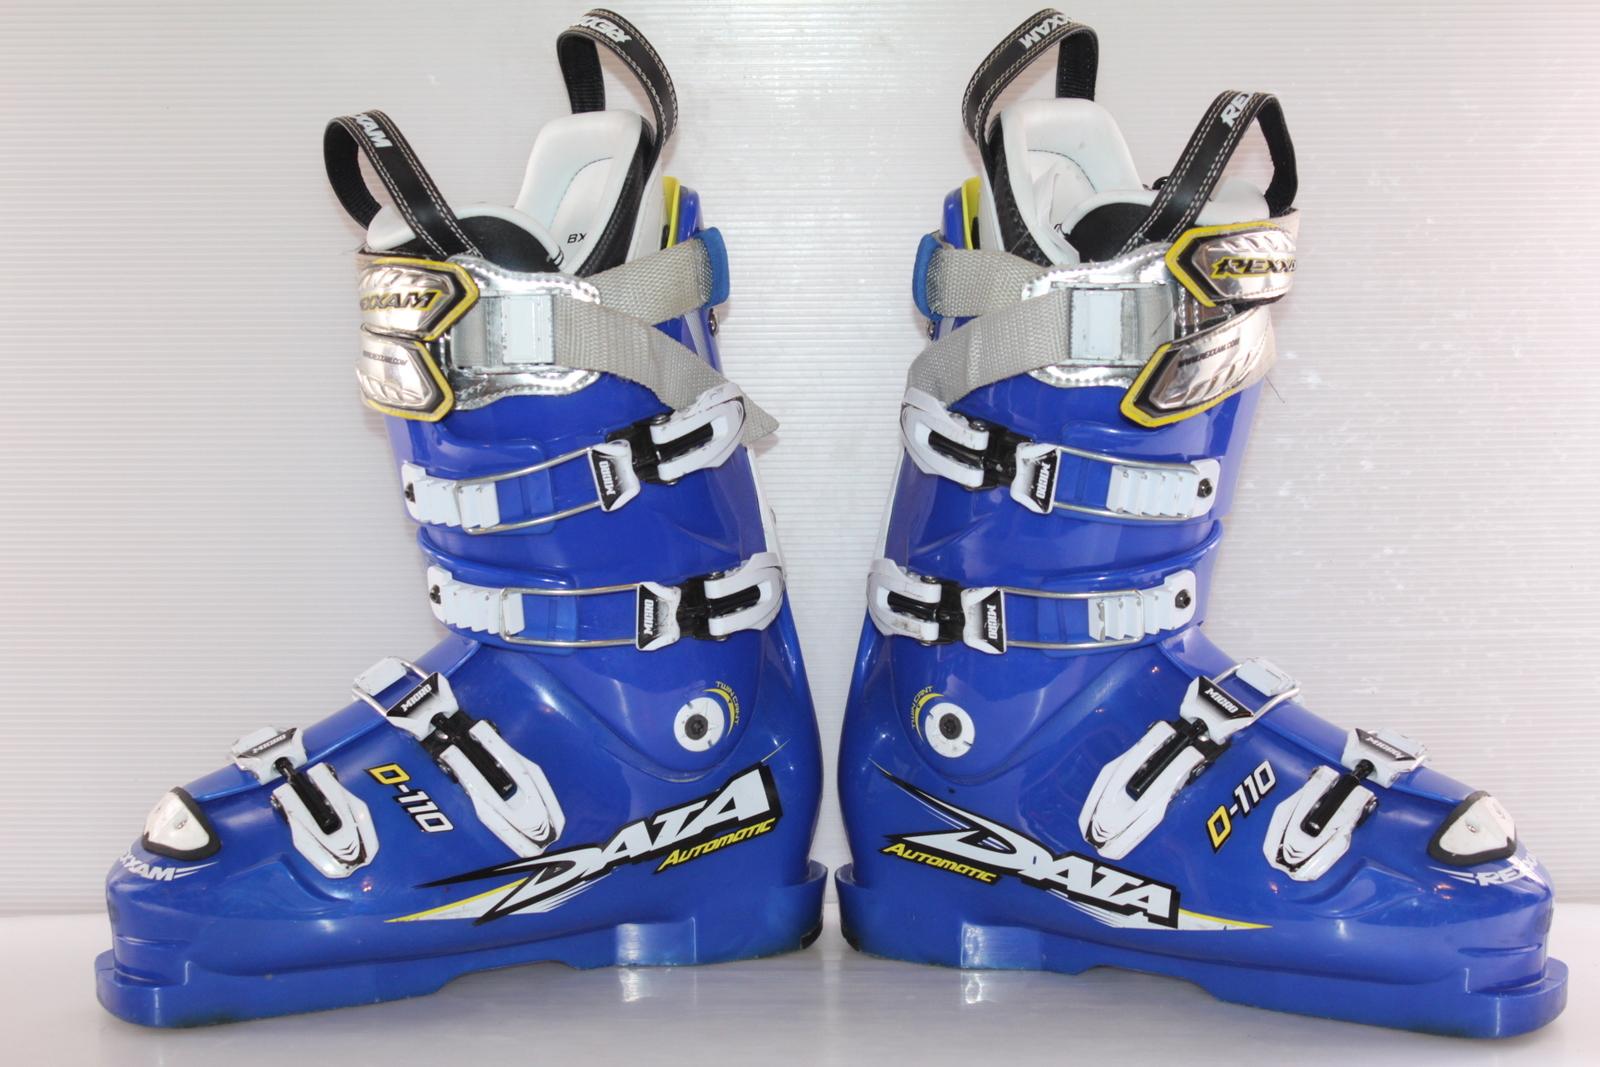 Lyžařské boty Rexxam Data Automatic D-110 vel. EU42 flexe 110